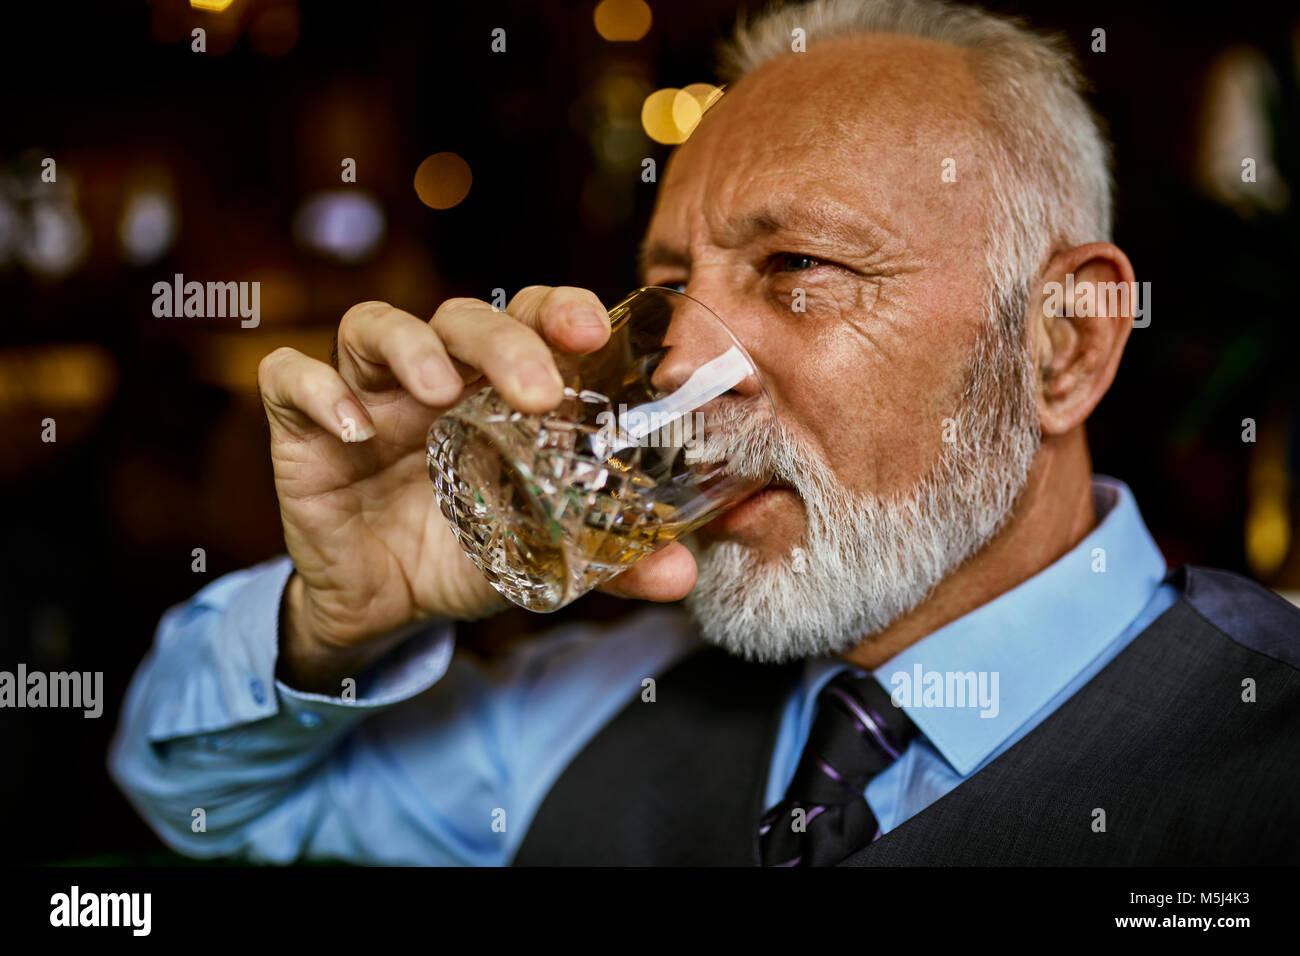 Retrato de elegantes altos Hombre bebiendo de Tumbler Imagen De Stock